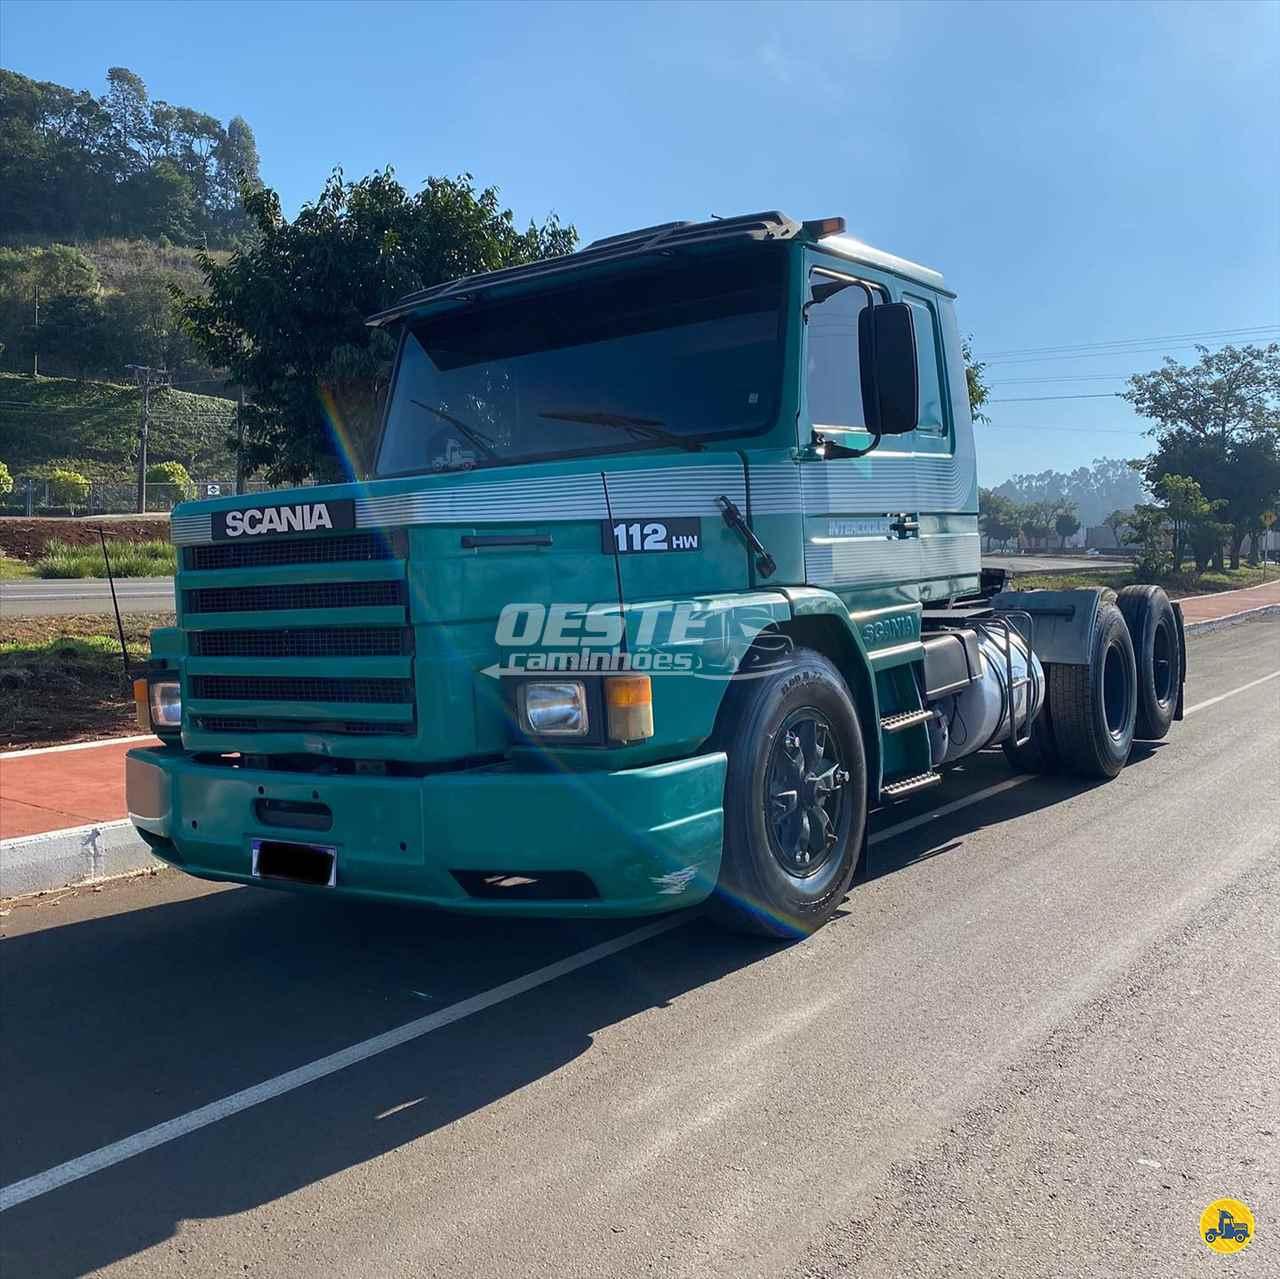 CAMINHAO SCANIA SCANIA 112 360 Cavalo Mecânico Truck 6x2 Oeste Caminhões  CORDILHEIRA ALTA SANTA CATARINA SC